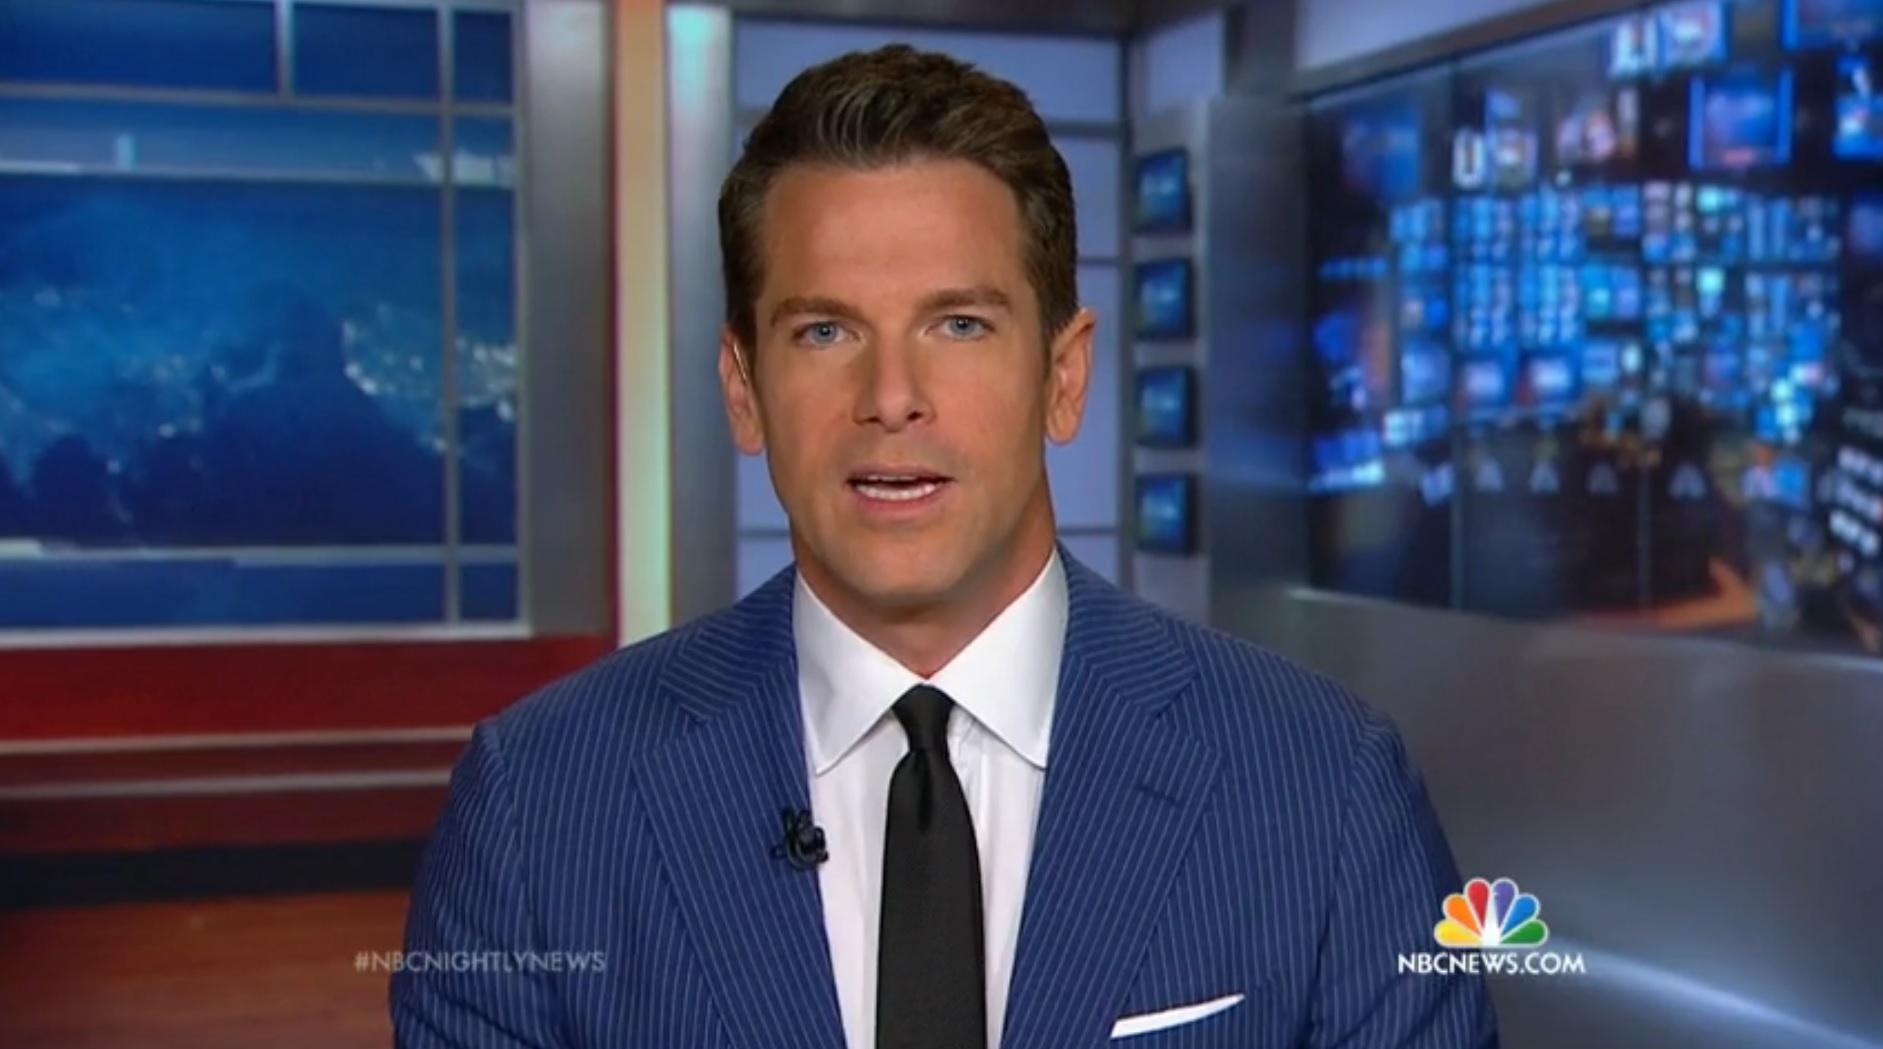 Gay news anchor